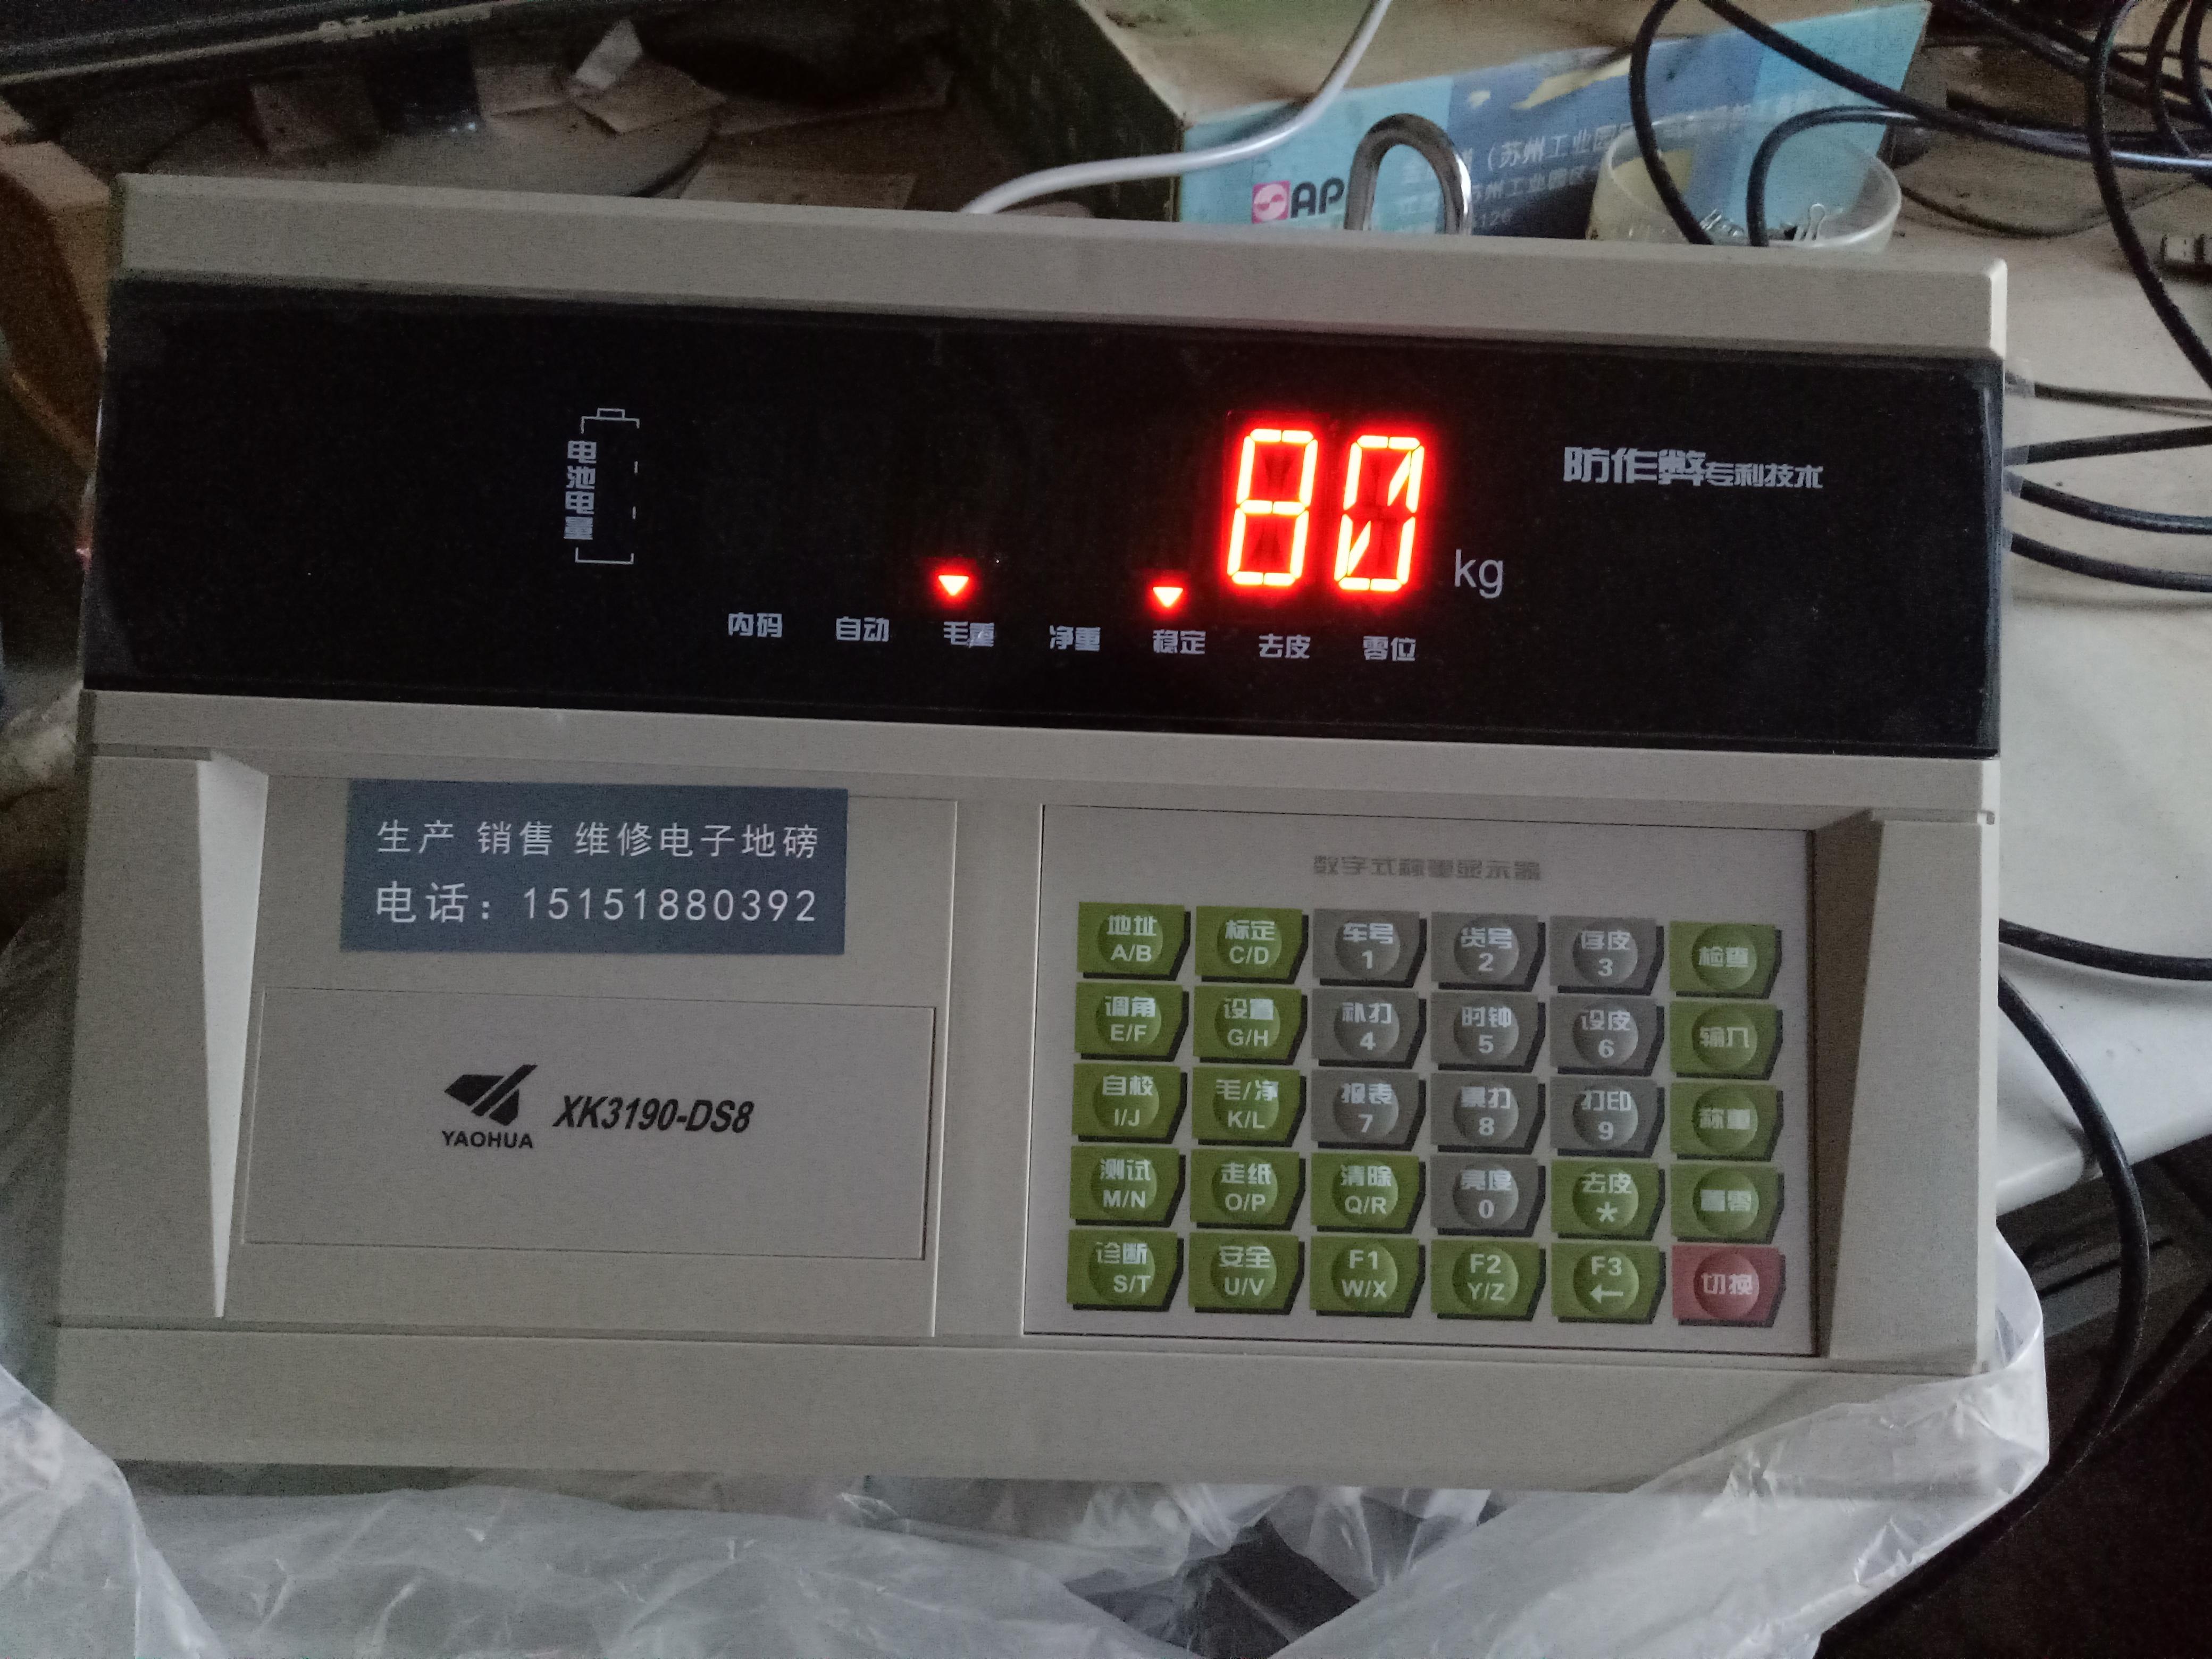 上海数字地磅批发价格_上海数字地磅生产厂家_上海数字地磅供应商